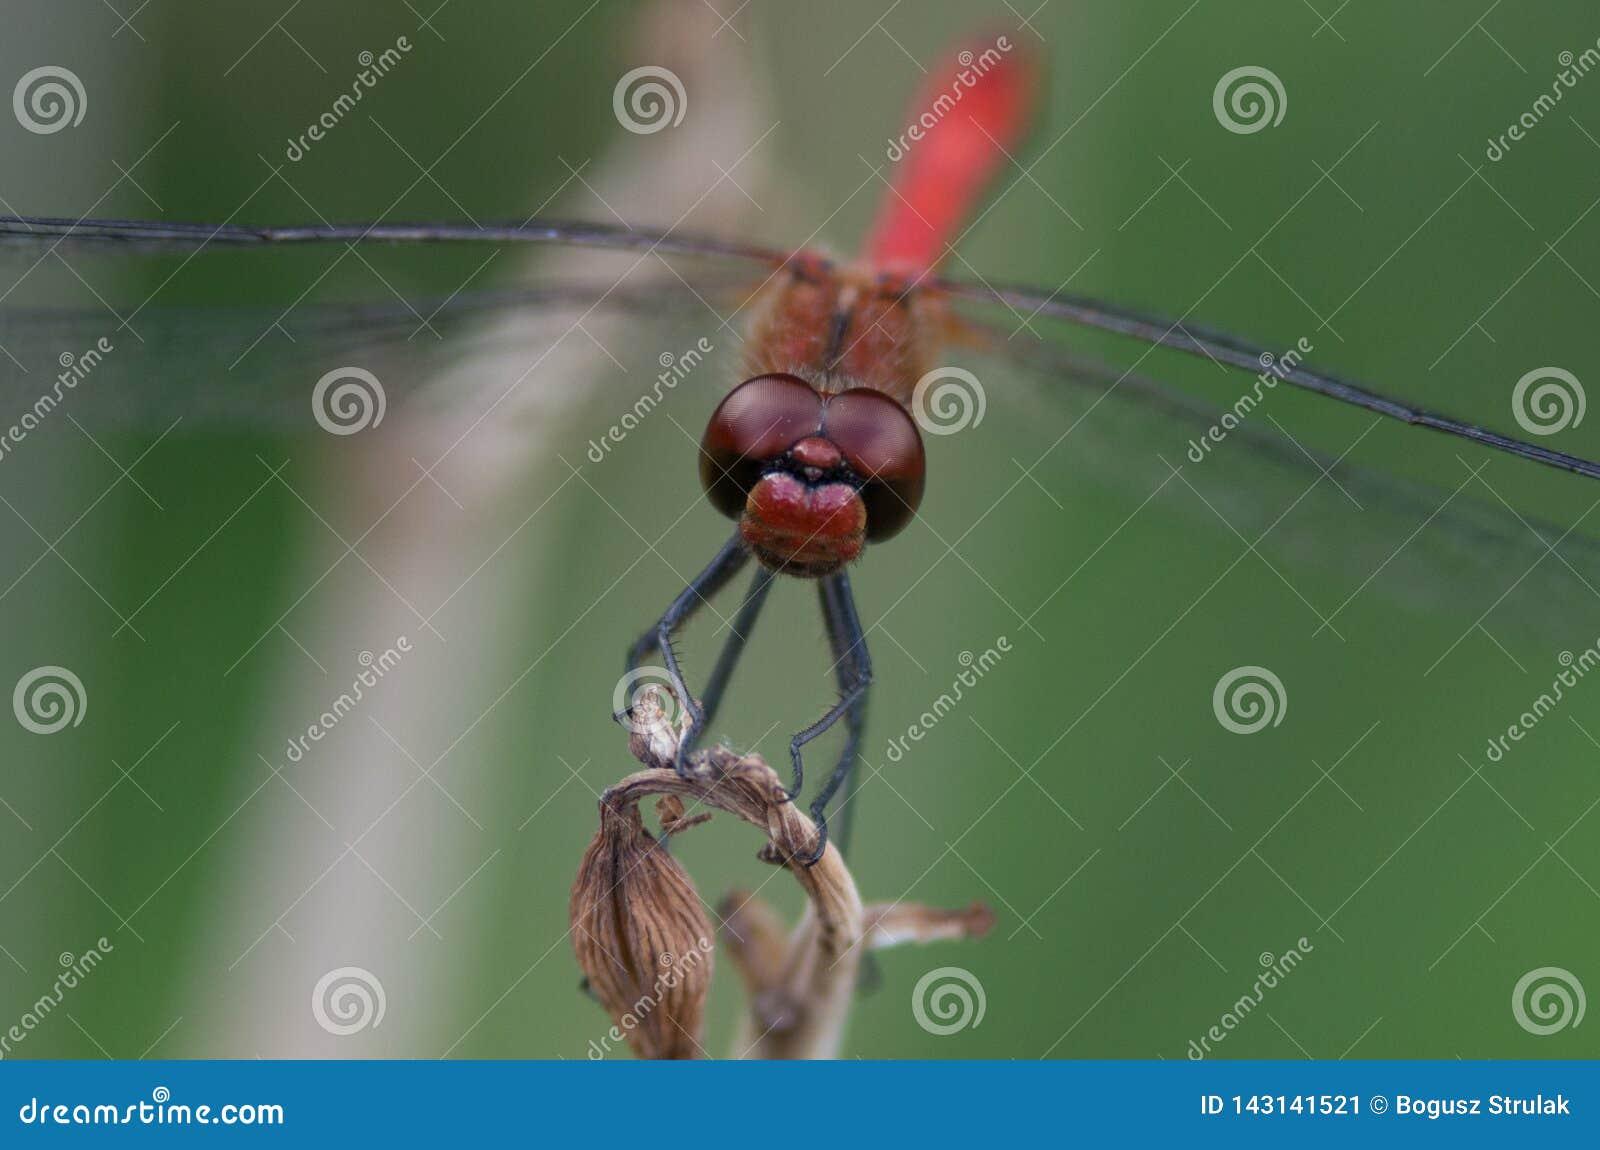 Nahaufnahme auf roter Libelle auf einer Anlage